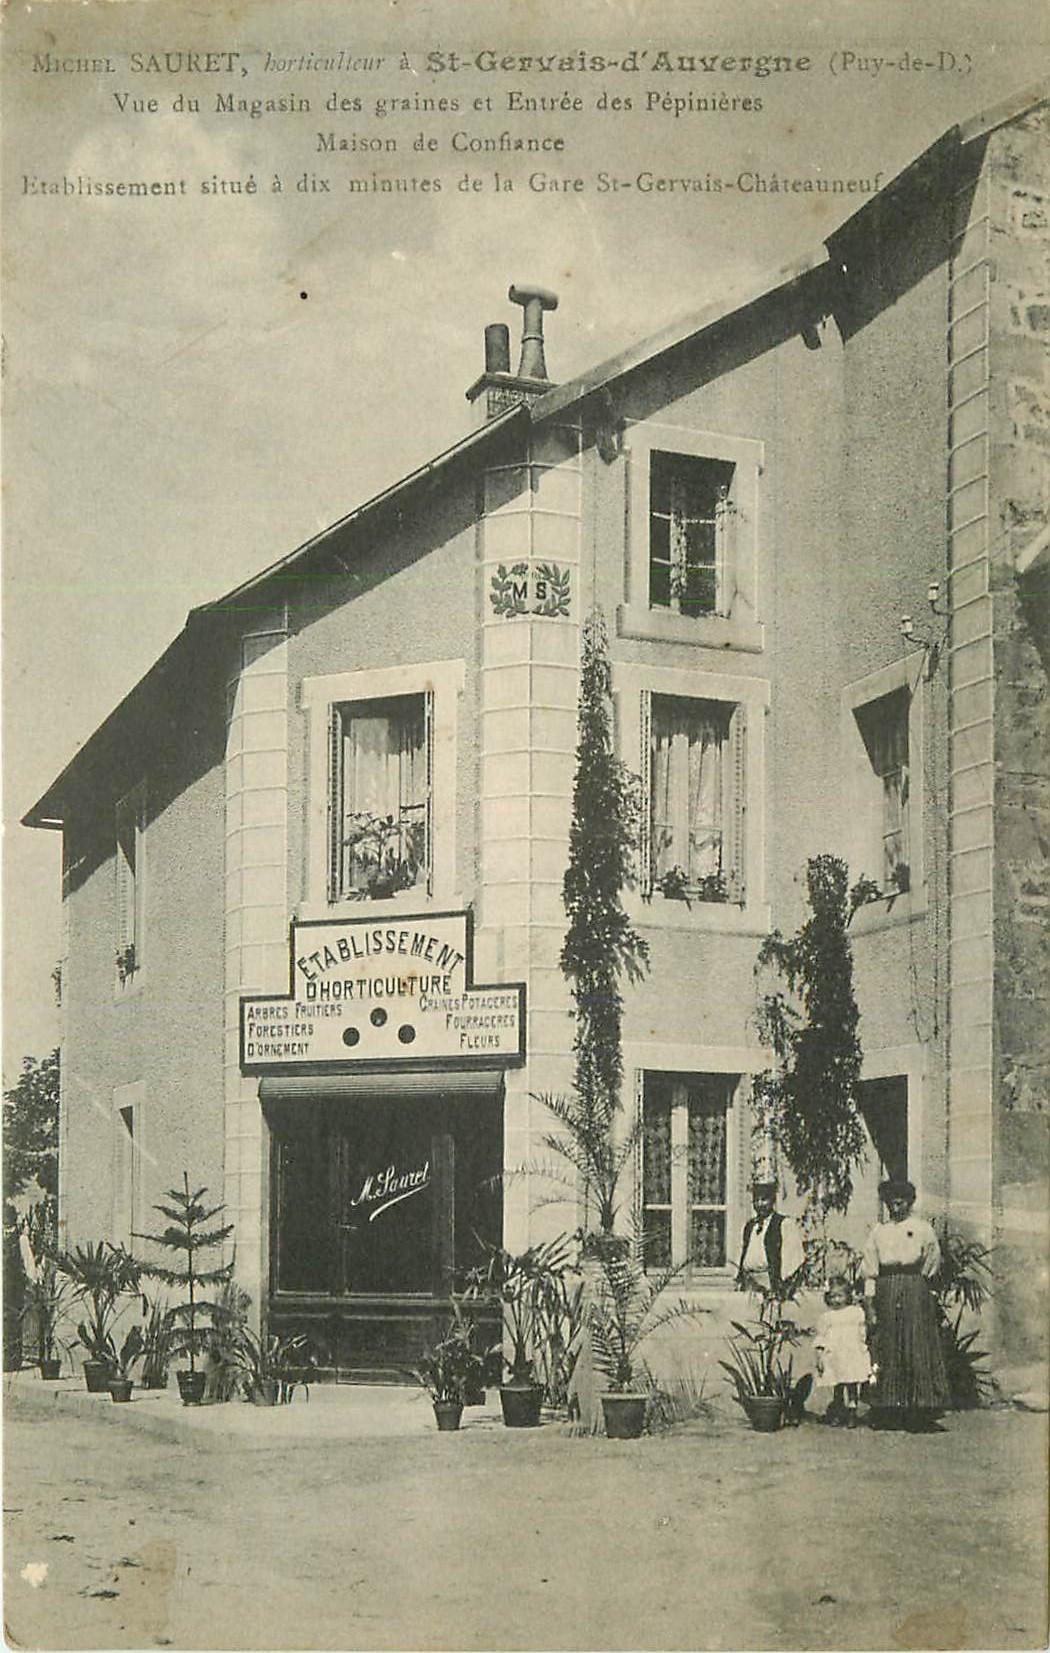 WW 63 SAINT-GERVAIS-D'AUVERGNE. Sauret horticulteur Maison de confiance